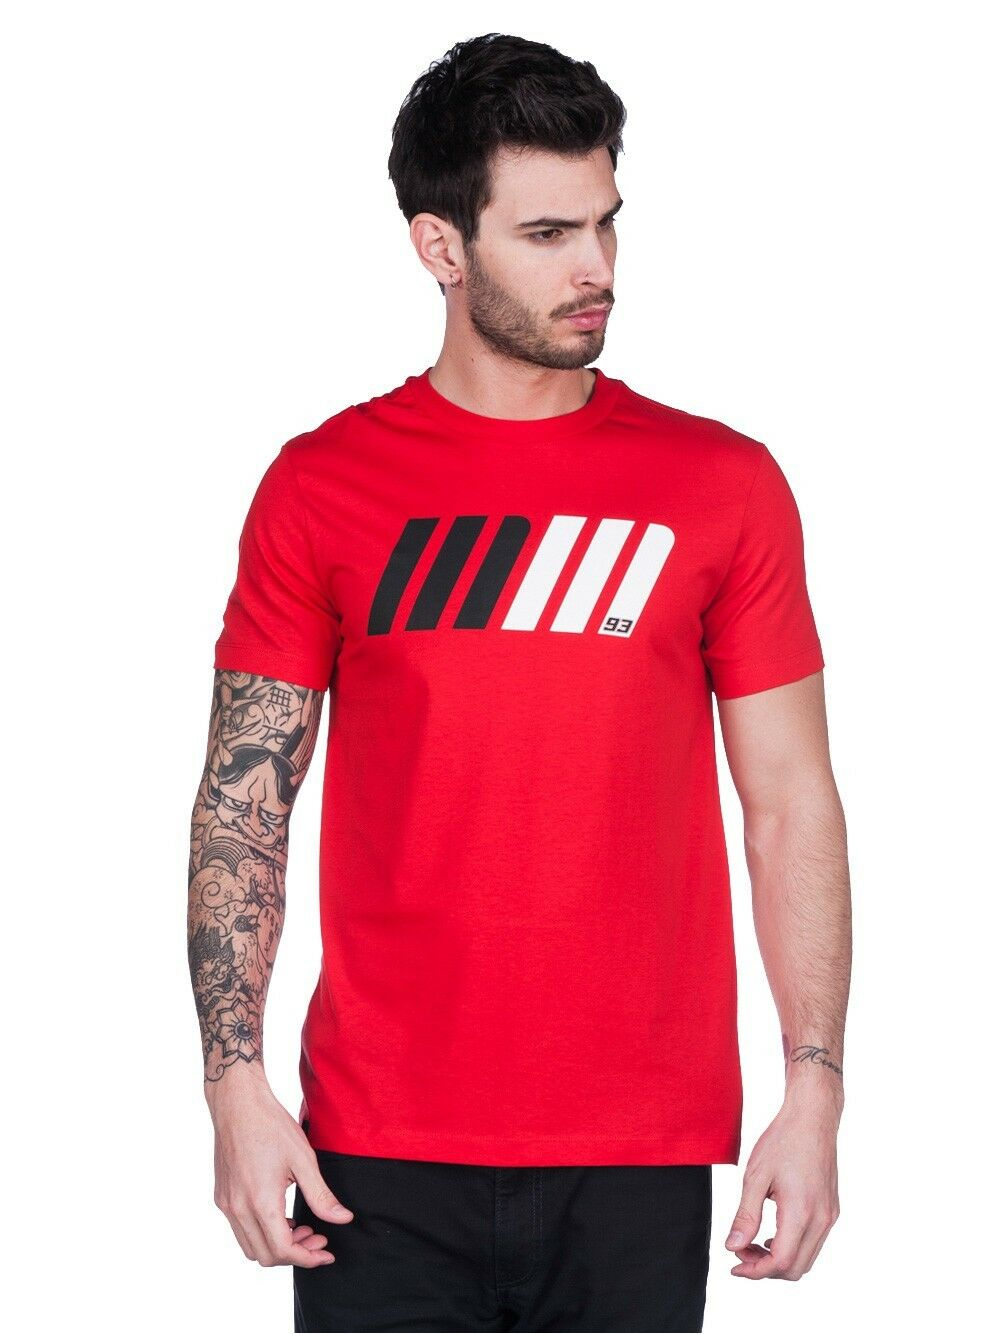 Official Marc Marquez rot T-Shirt - 17 33003    Deutschland Online Shop    Züchtungen Eingeführt Werden Eine Nach Der Anderen    Exquisite (mittlere) Verarbeitung